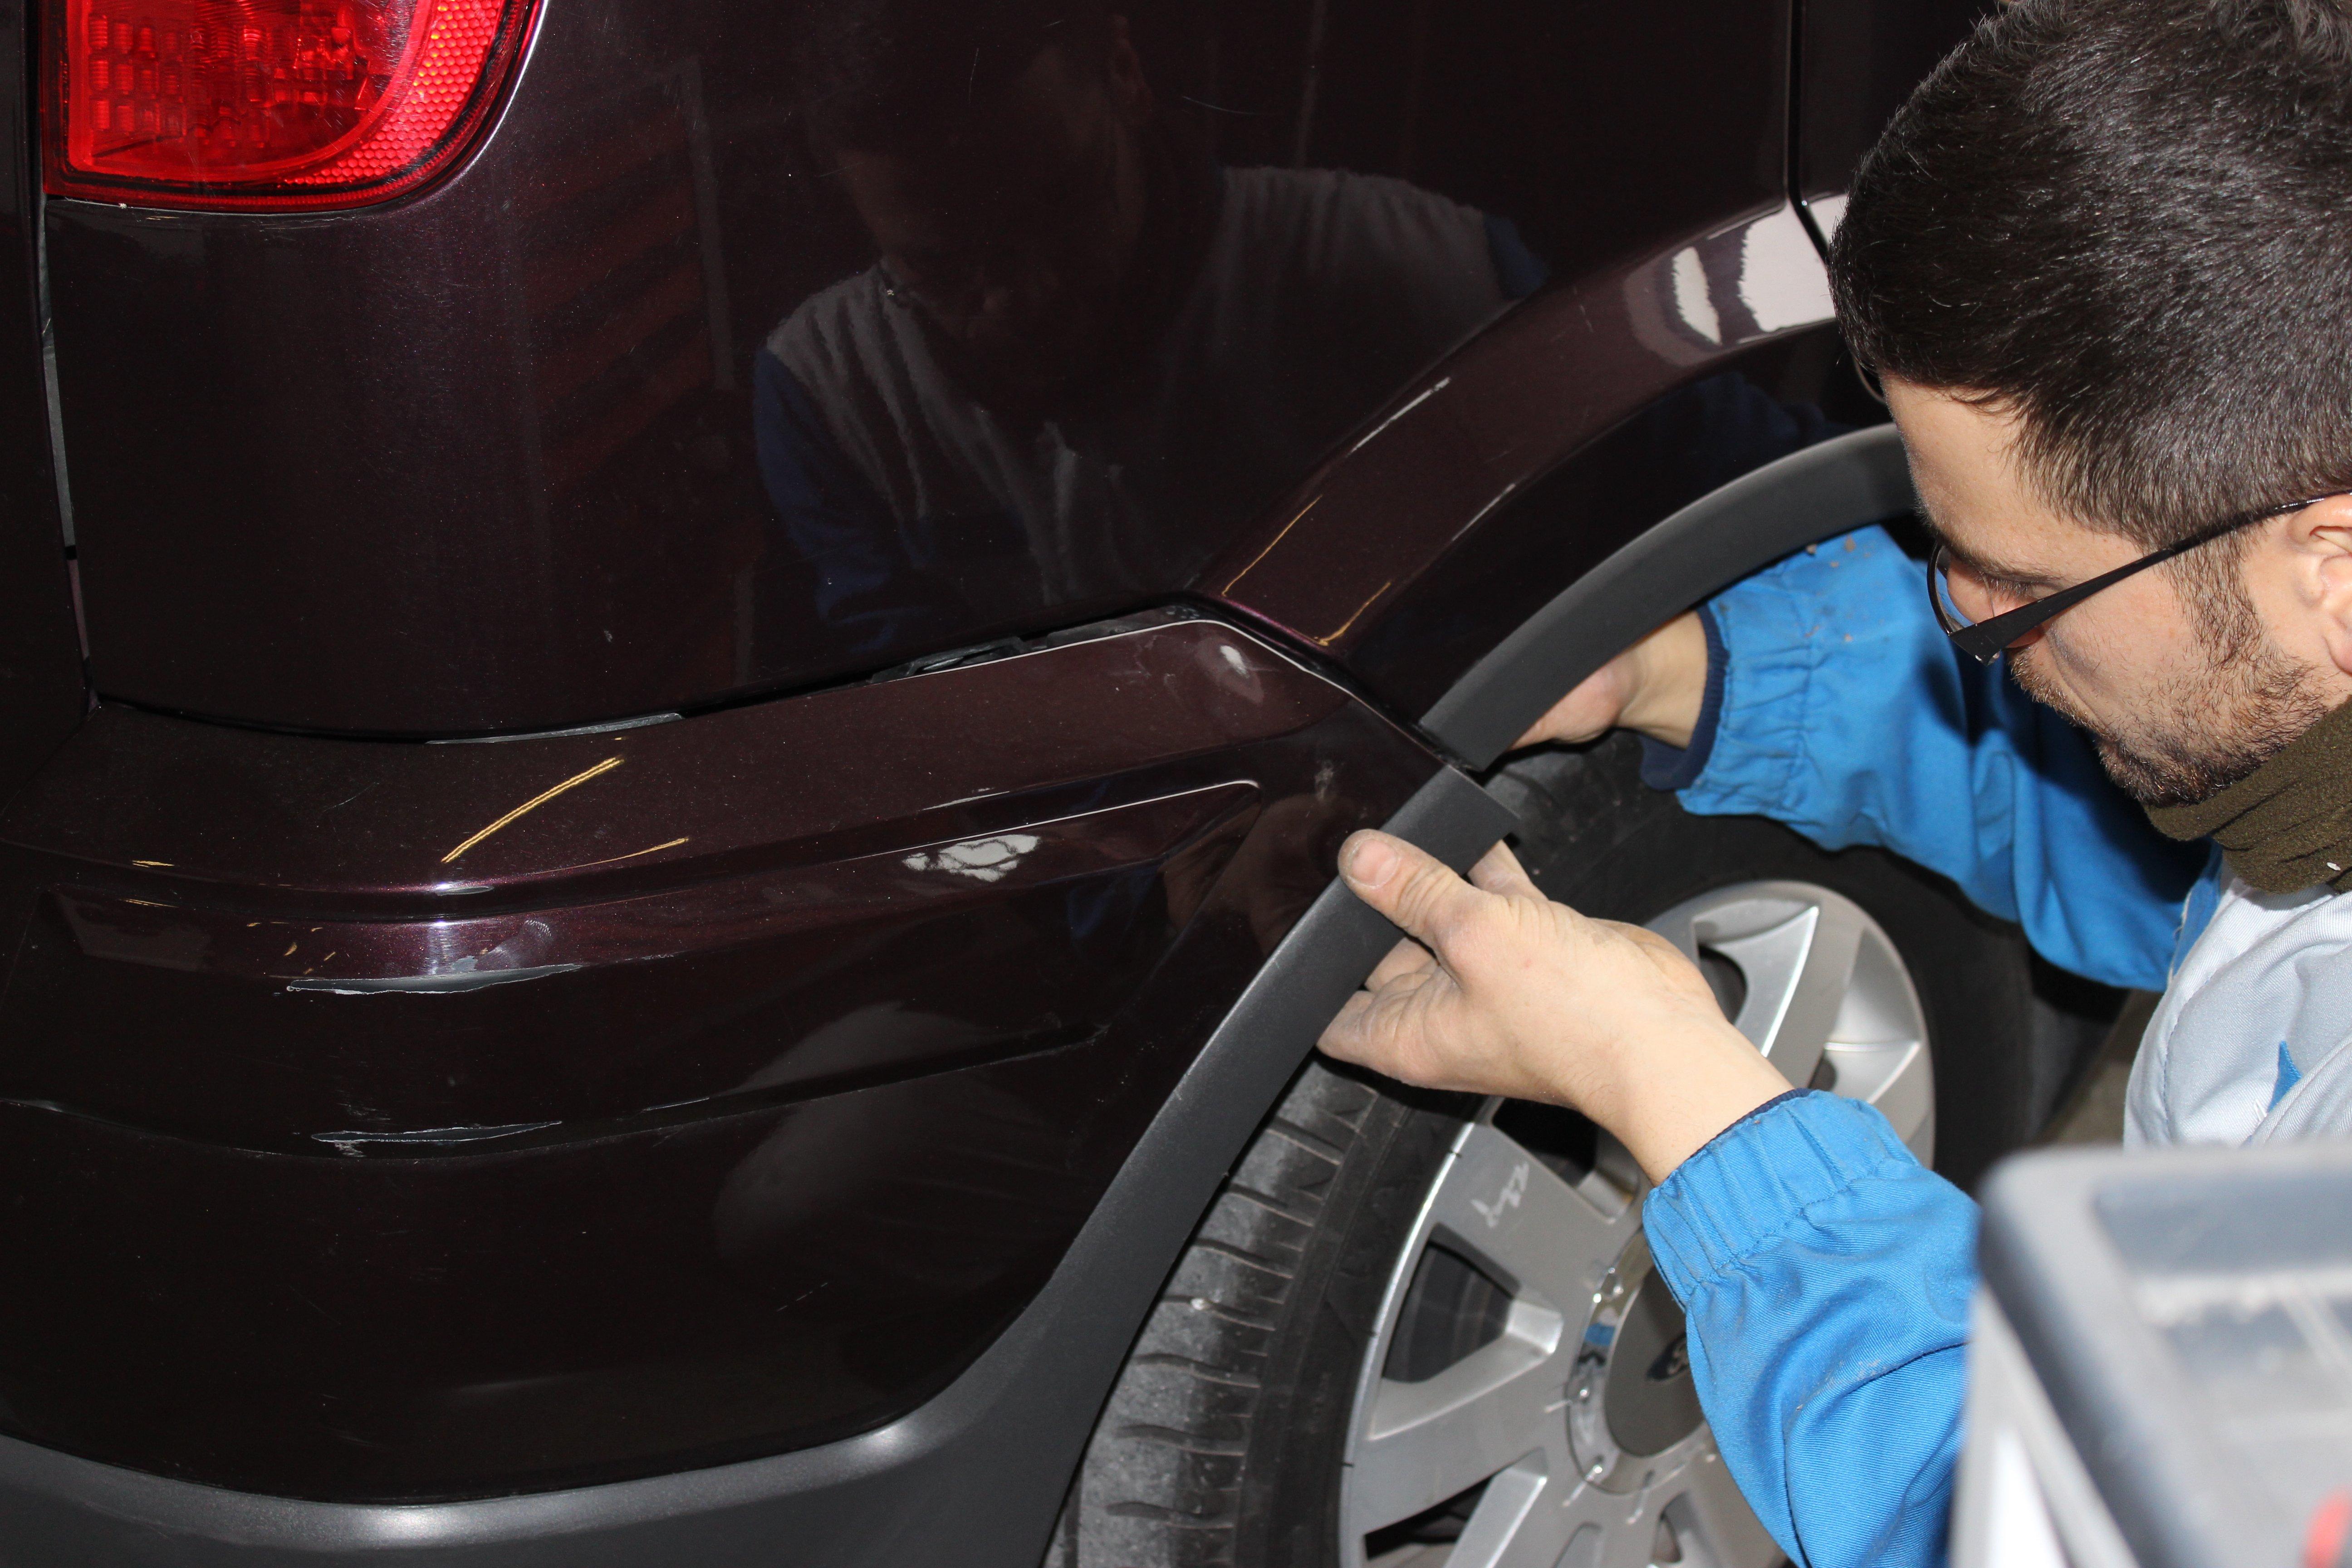 Un meccanico analizza una parte di carrozzeria di un'auto